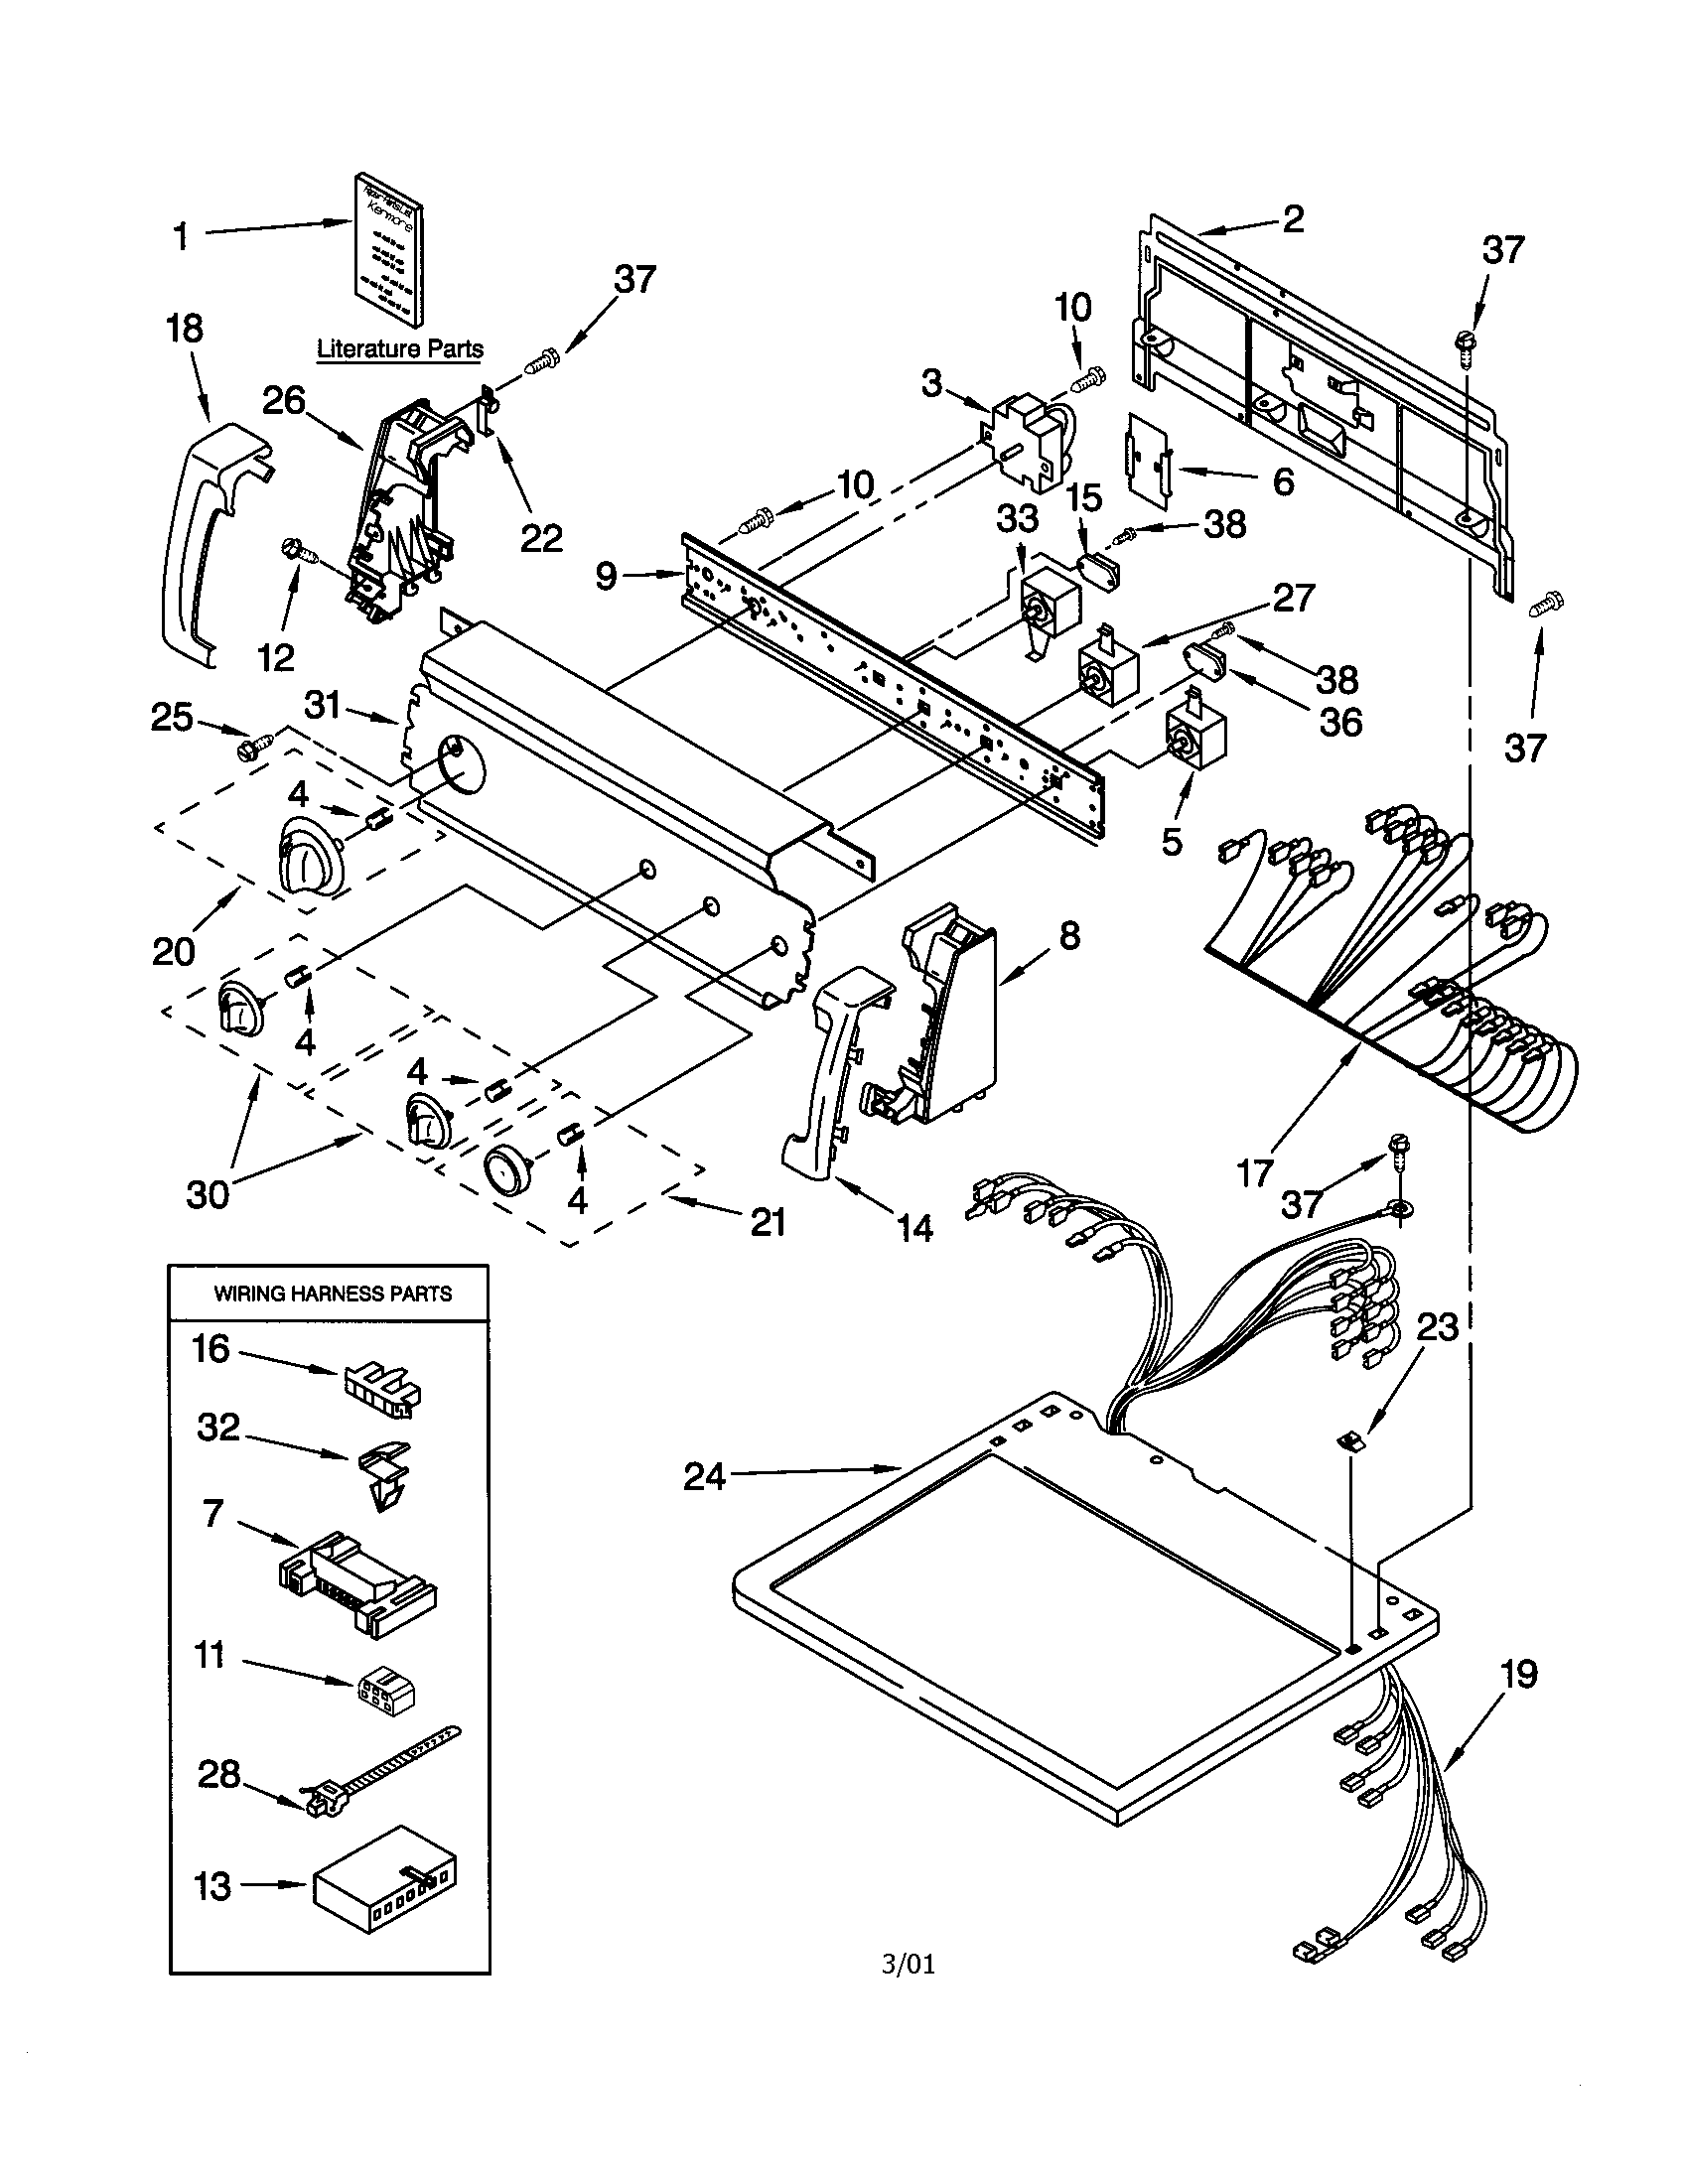 P0103156 00001?resize\=665%2C863 kenmore dryer model 11087872602 wiring diagram kenmore wiring  at eliteediting.co